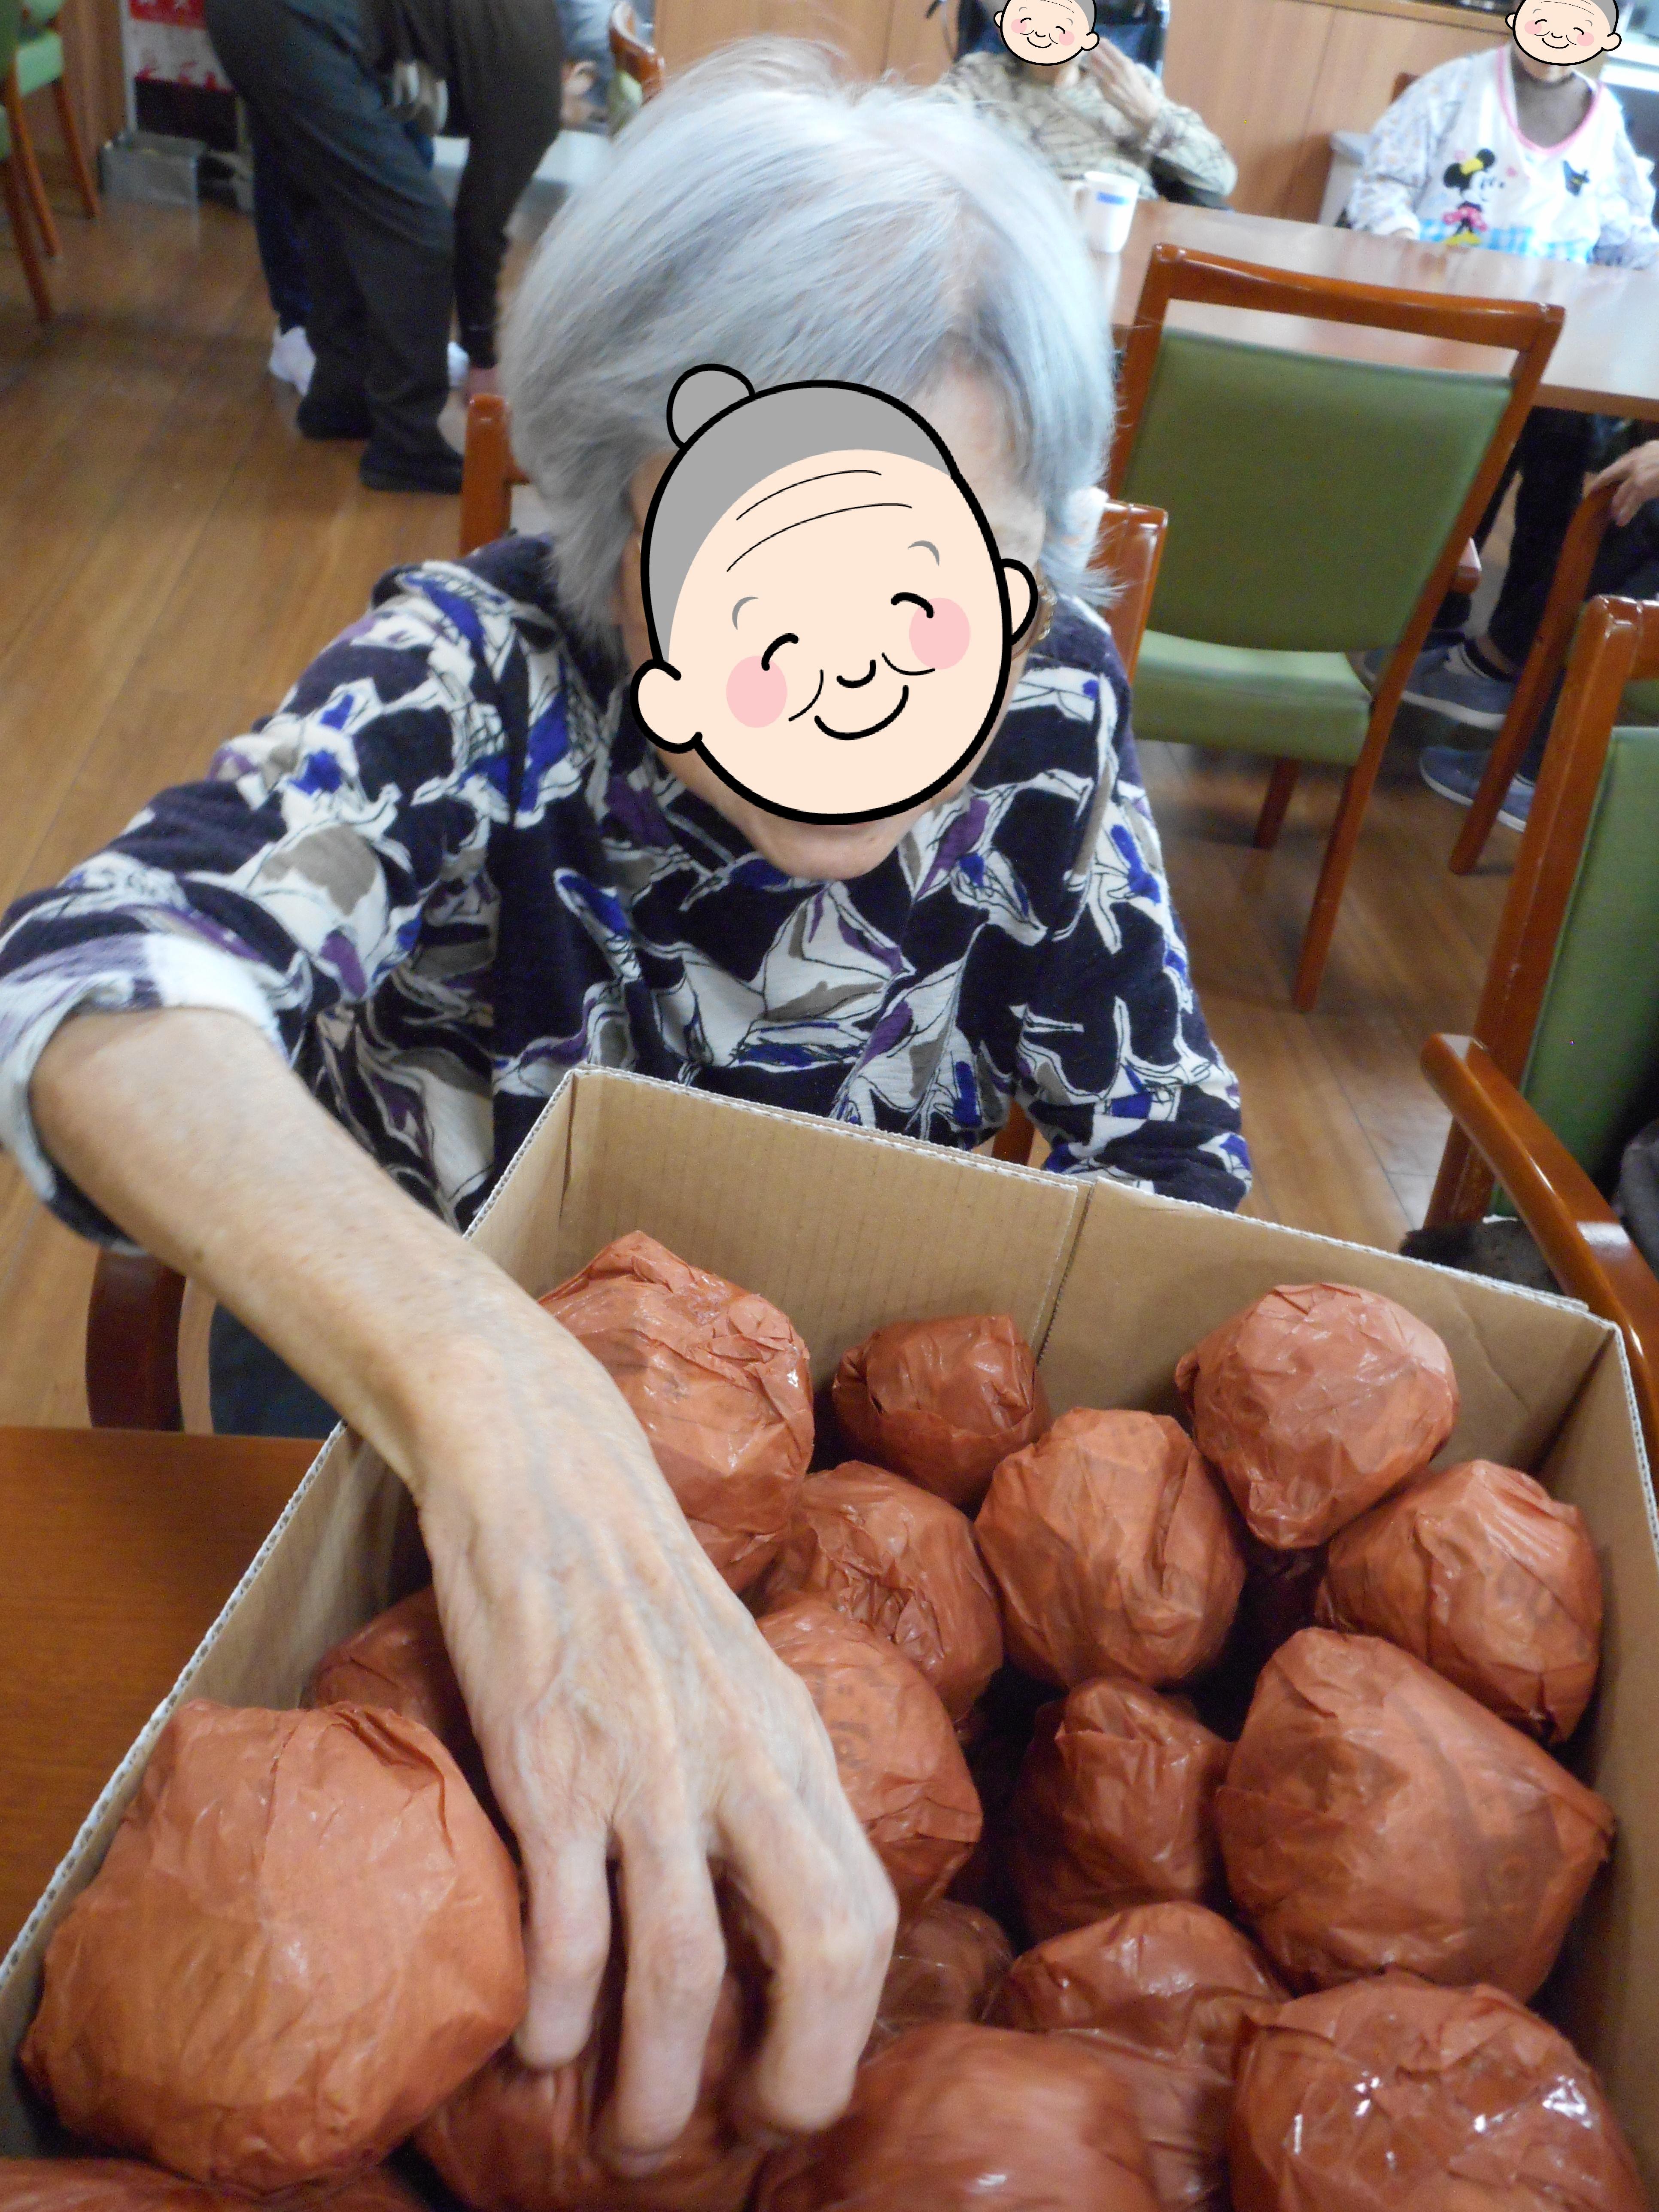 令和元年度 第8回 ゆたリンピック開催(介護付有料老人ホームゆたか)